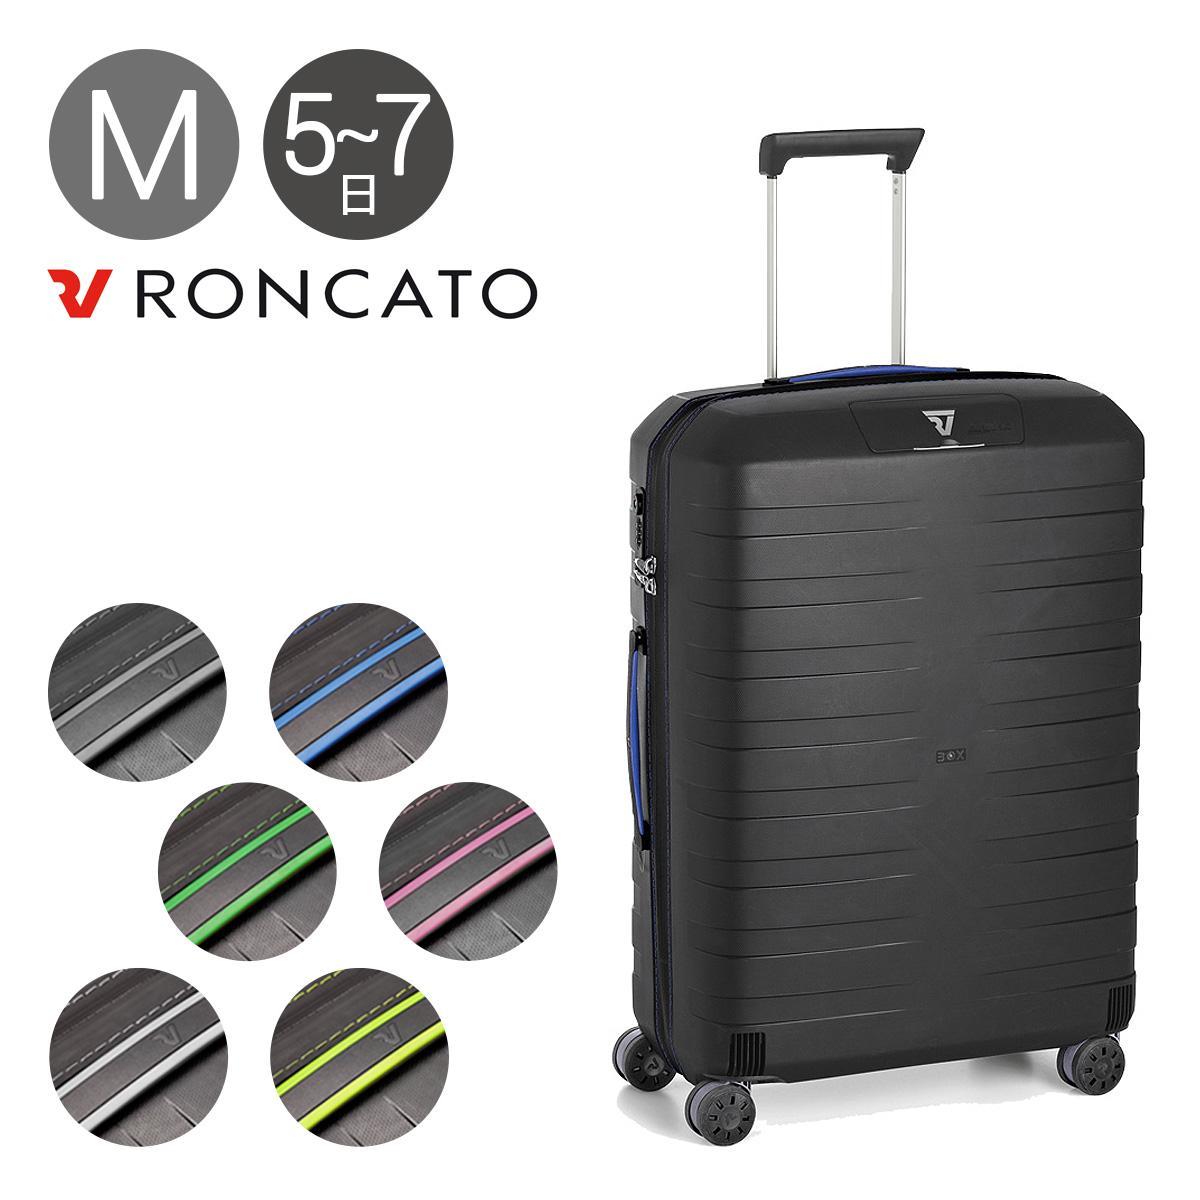 ロンカート スーツケース 5512 64cm 【 RONCATO BOX ボックス 10年保証 】【 キャリーケース キャリーバッグ TSAロック搭載 】【bef】